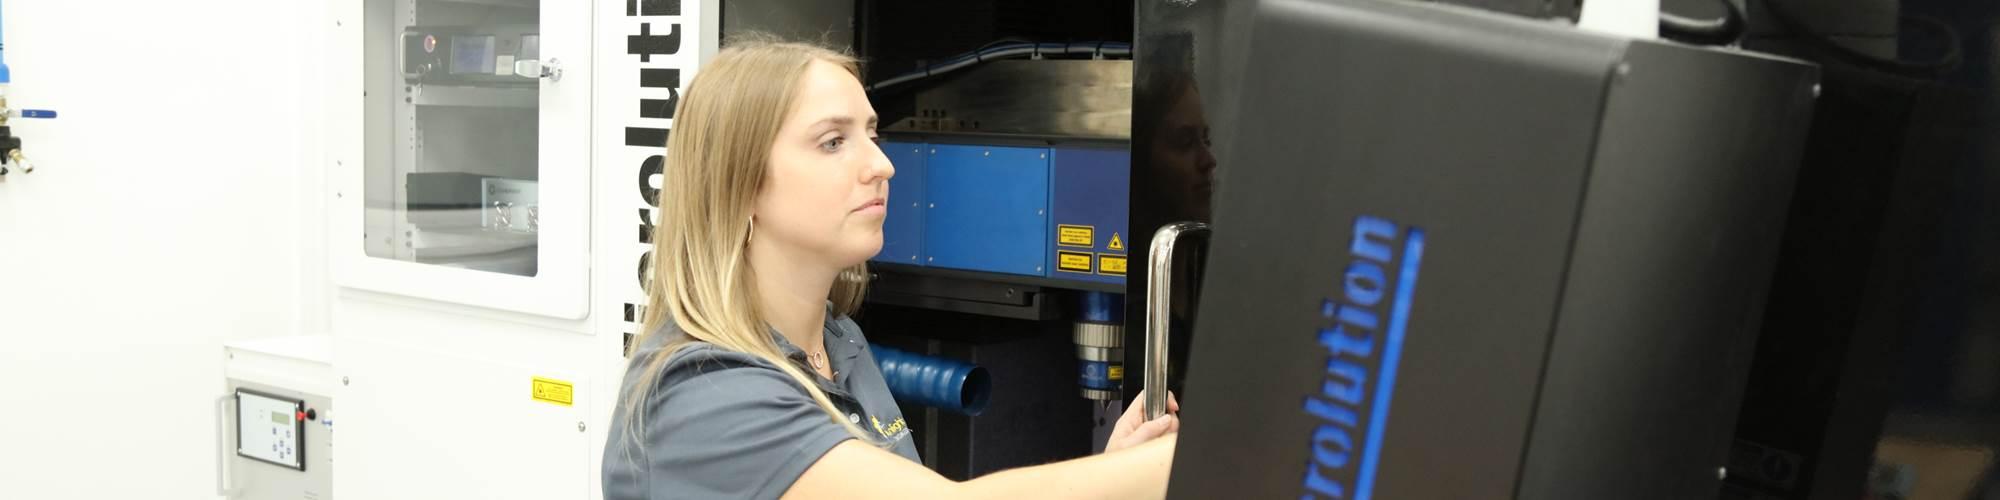 Sunlight-Tech Inc. se especializa en el uso de mecanizado láser y microfresado para producir piezas con componentes de tolerancias de nivel inferior a las micras.